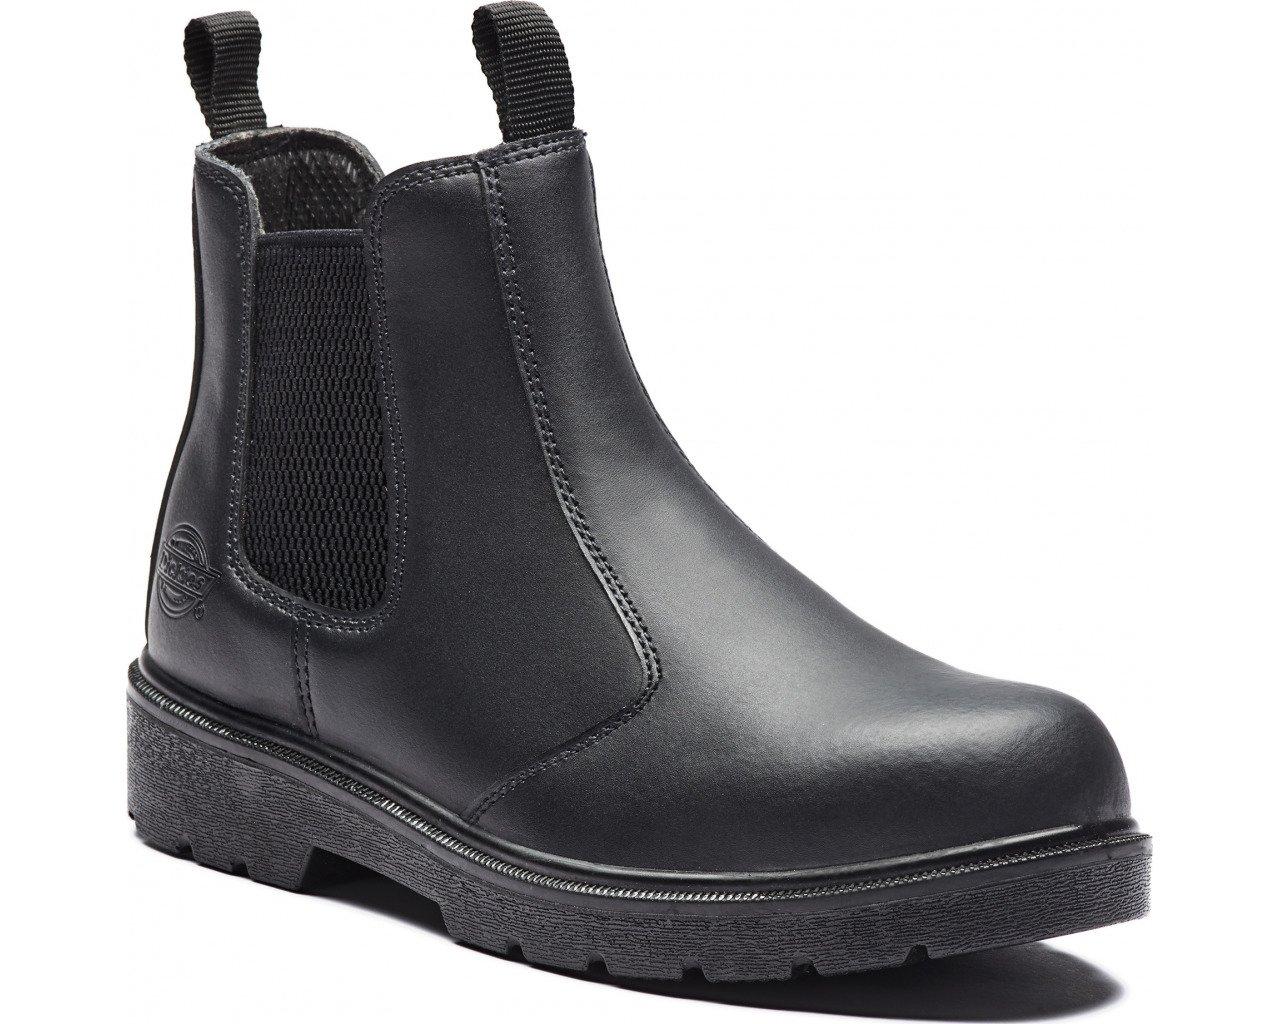 Dickies fa23345-bk-8 Super Safety Schwarz Dealer Boot, Größe 8, Schwarz Safety - 64fd83